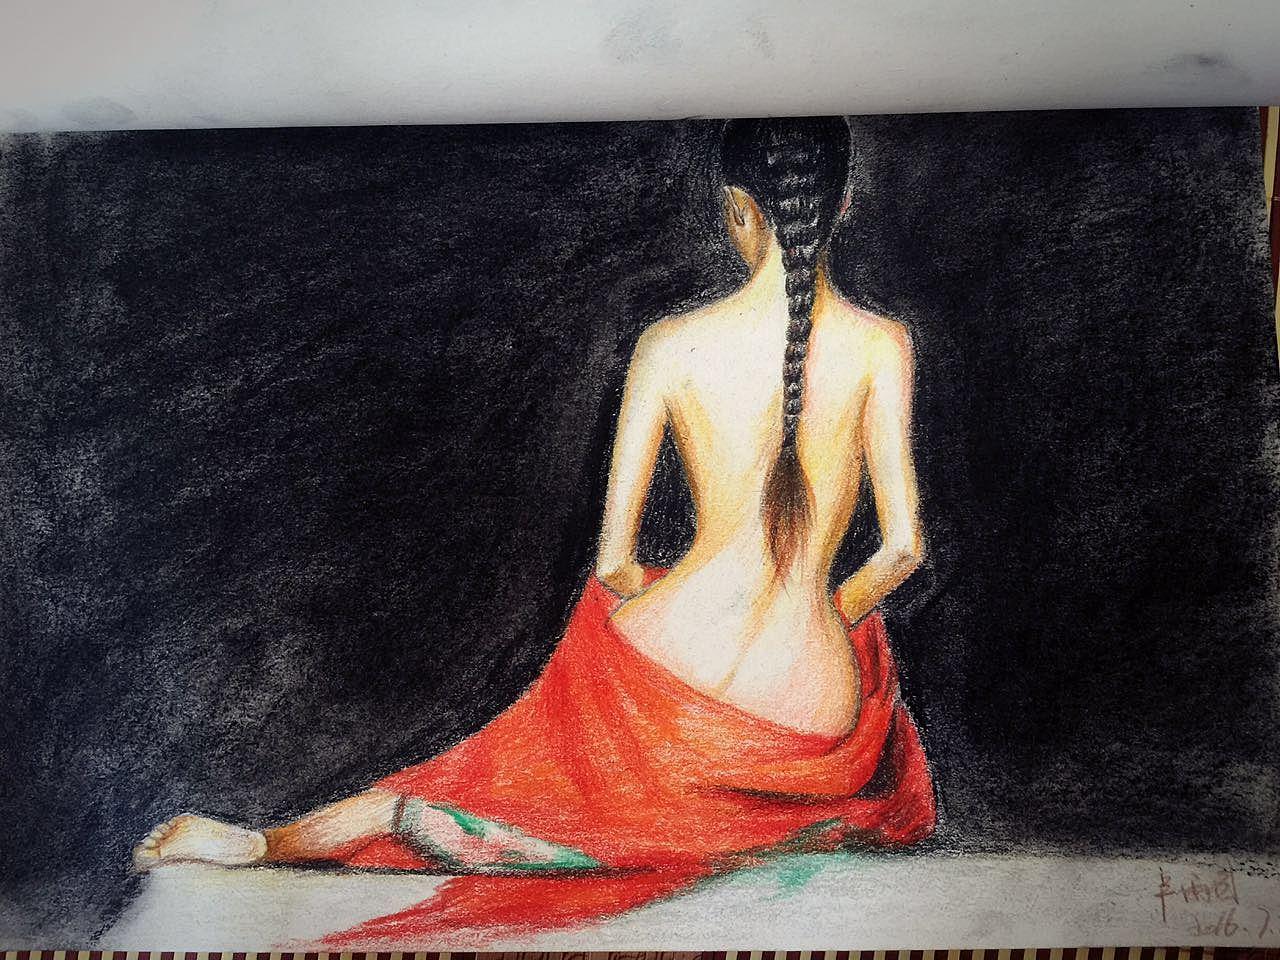 彩铅 美女背影图 手绘人物